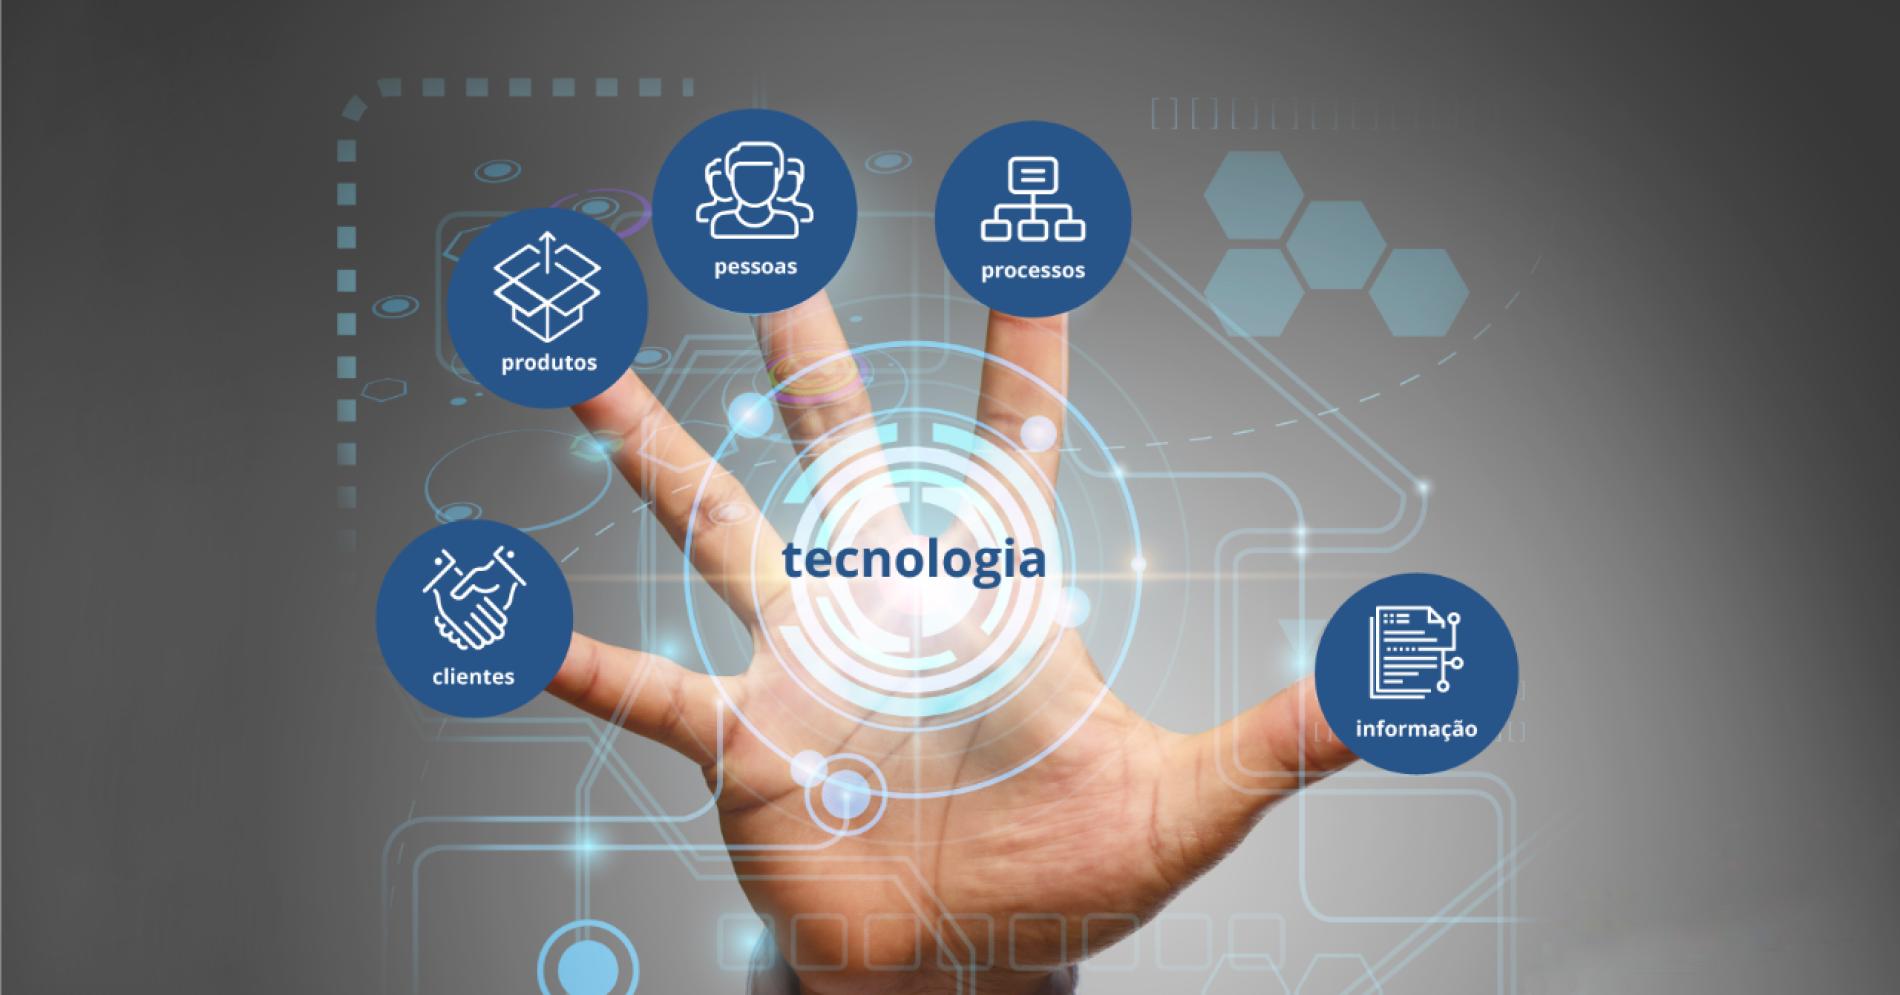 Conheça as melhores formas de ganhar dinheiro com tecnologia